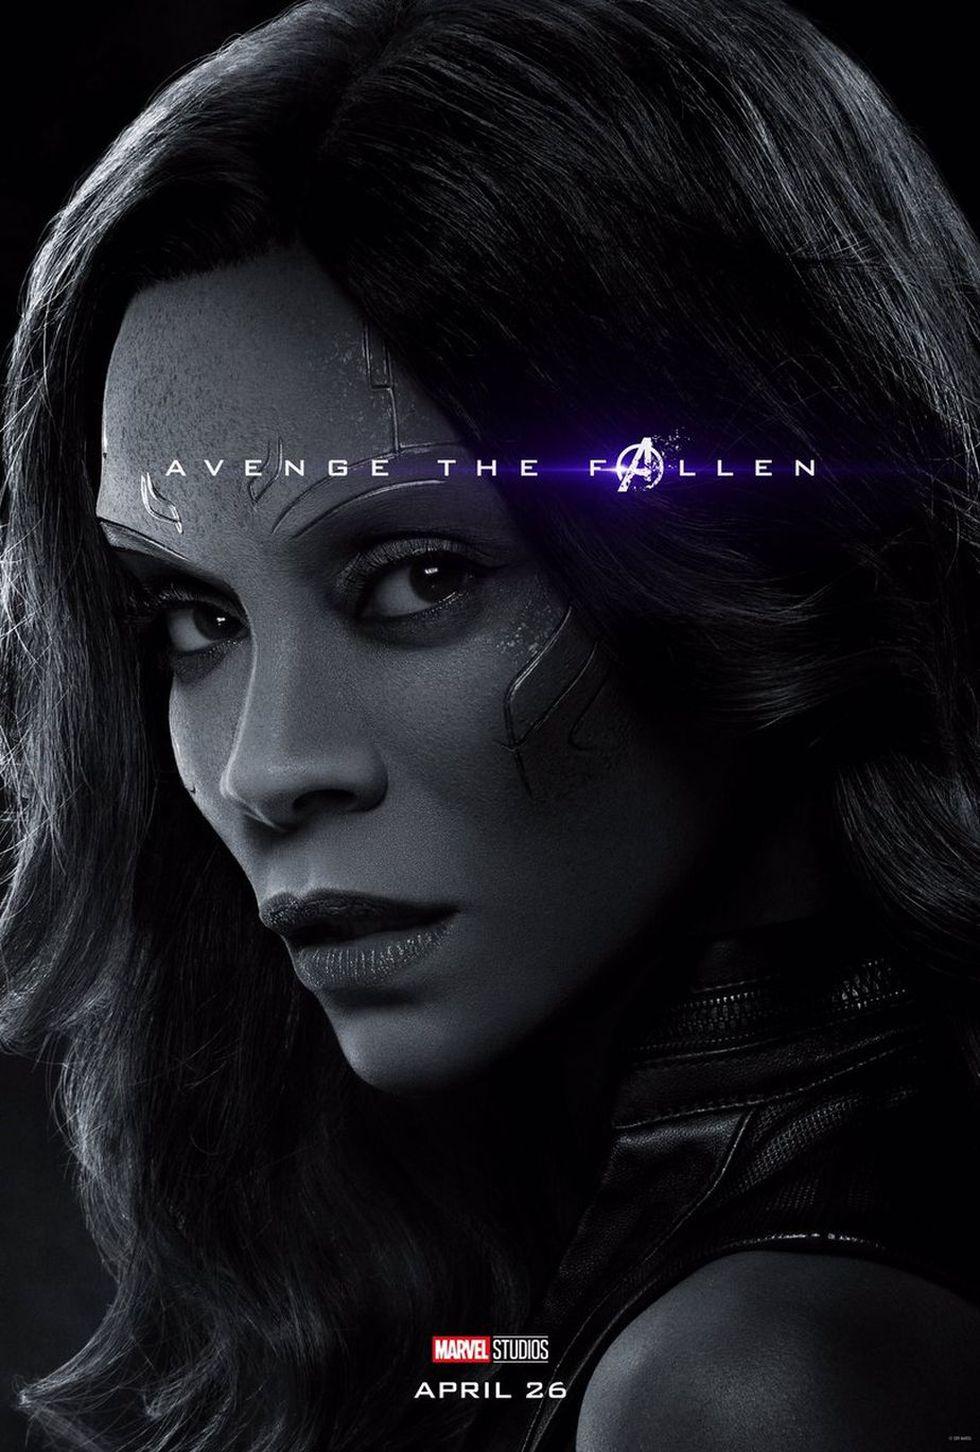 Gamora - MUERTA (Foto: Avengers: Endgame / Marvel Studios)